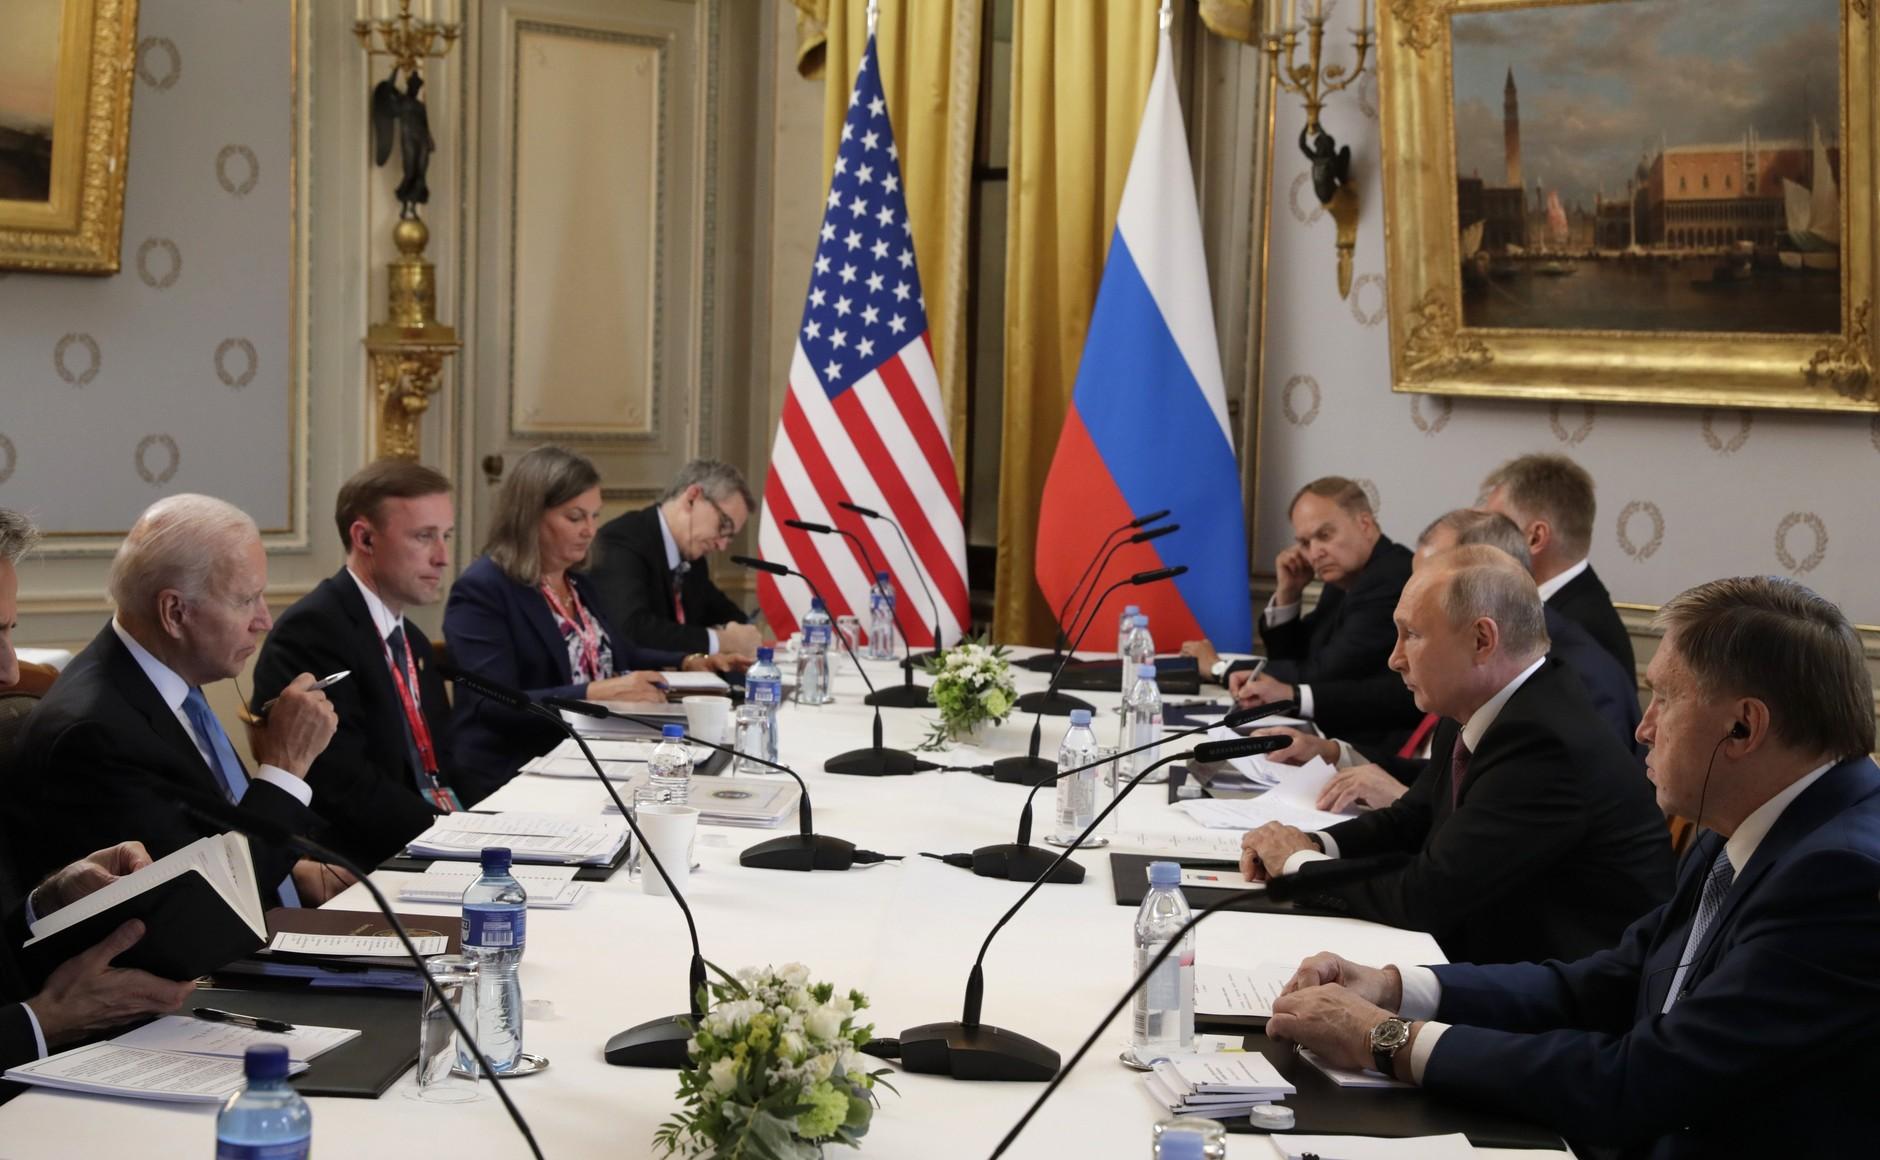 RUSSIE USA 15 X 16 Avec le président des États-Unis d'Amérique Joseph Biden avant les pourparlers russo-américains. Photo TASS